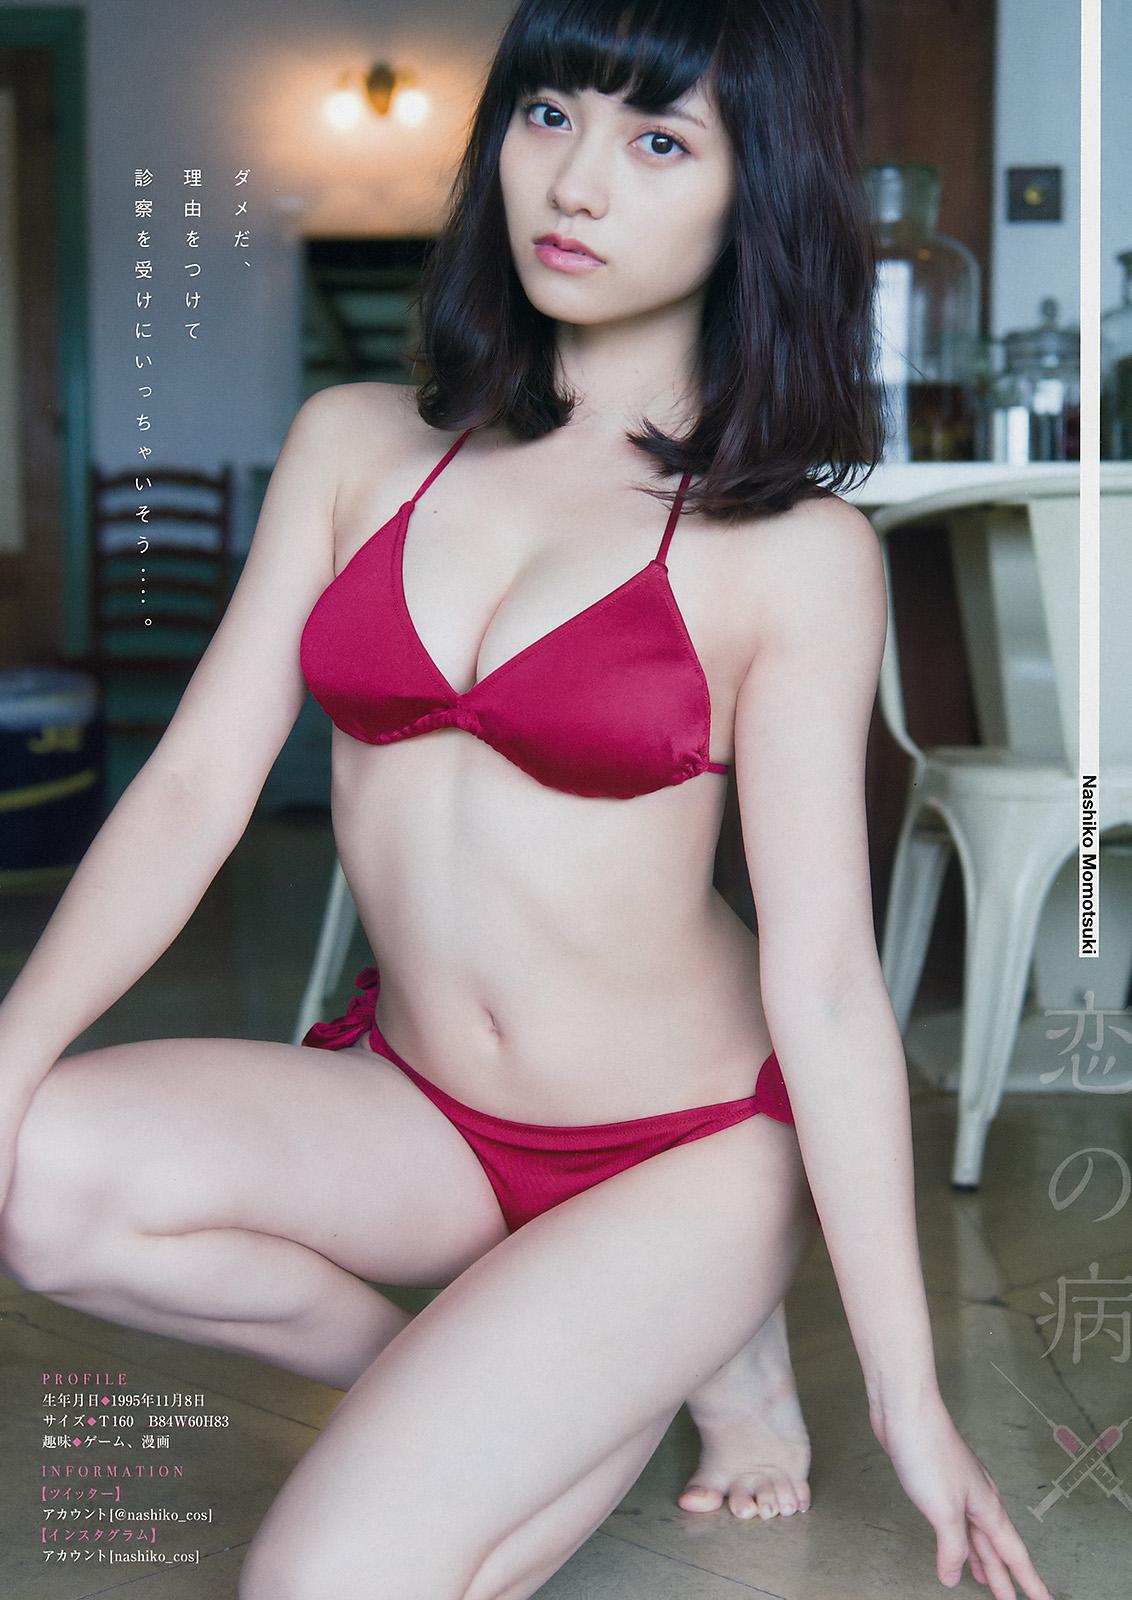 桃月なしこ(22)現役ナース兼レイヤーの抜ける厳選画像130枚・5枚目の画像